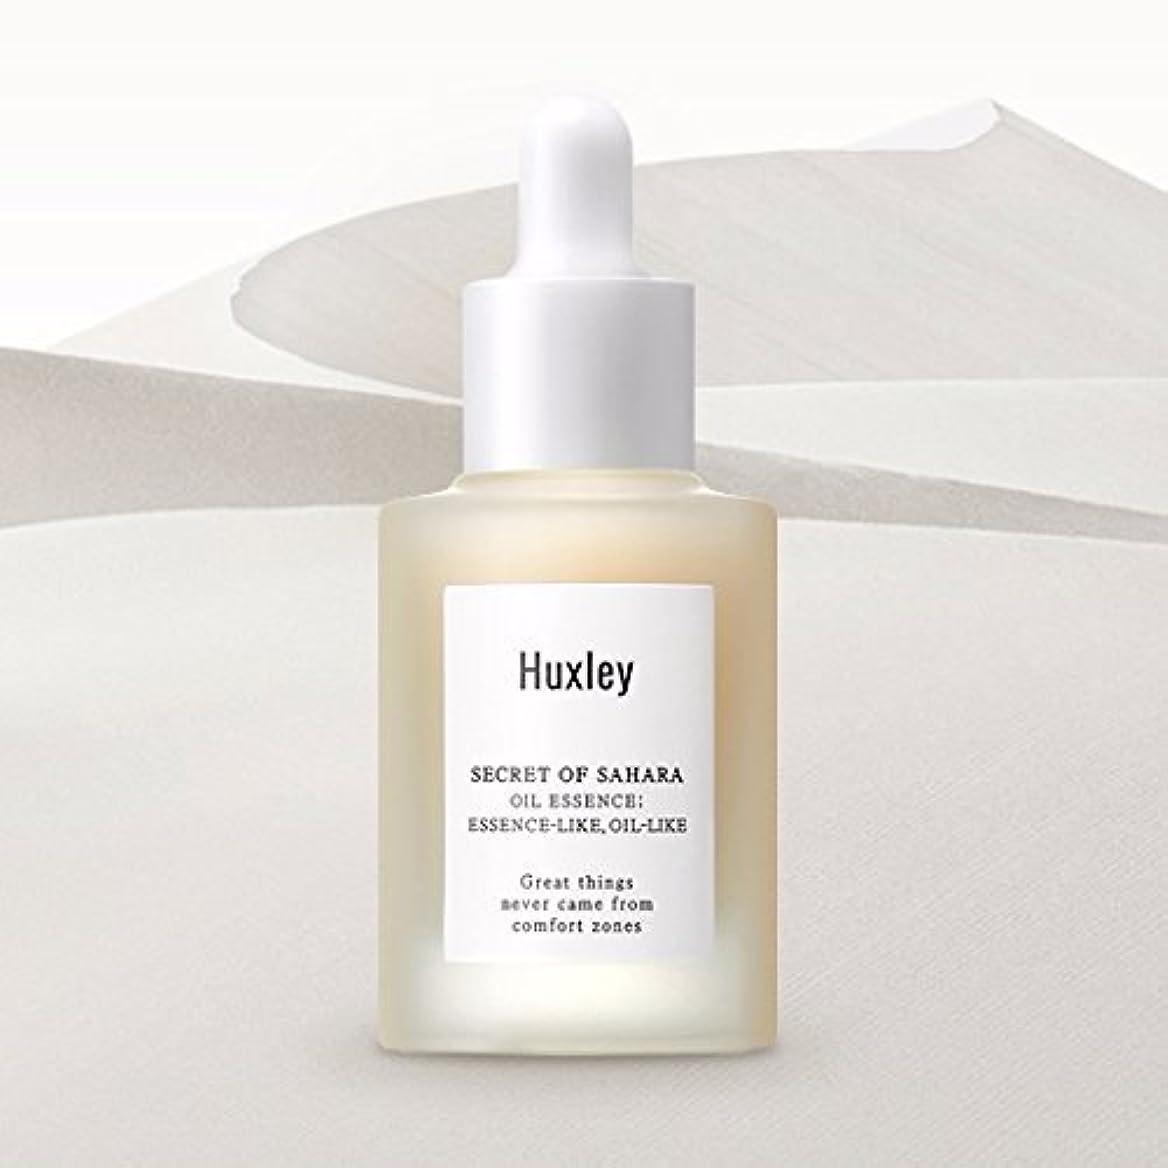 ちらつき便利誰がハクスリー サハラ砂漠の秘密オイルエッセンス30ml / Huxley Secret of Sahara OIL Essence (Essence-Like, Oil-Like) 30ml (1.01fl.oz.) Made in Korea